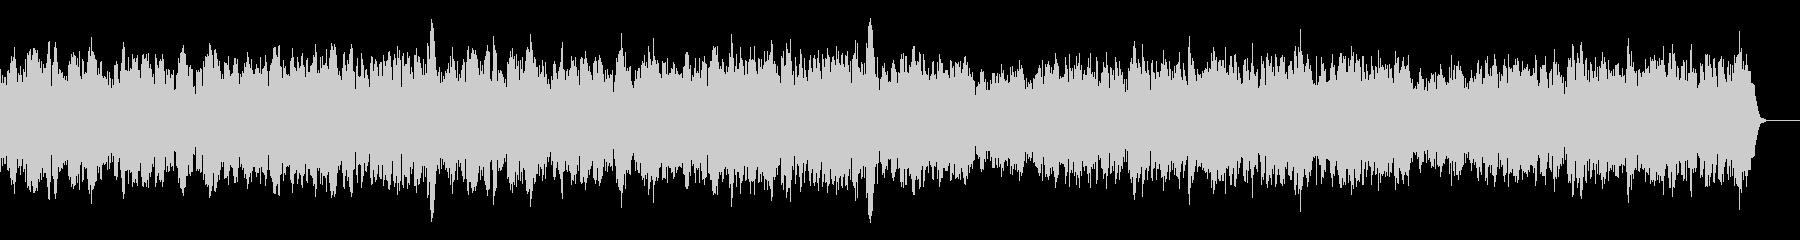 ゴルトベルク変奏曲variation1の未再生の波形